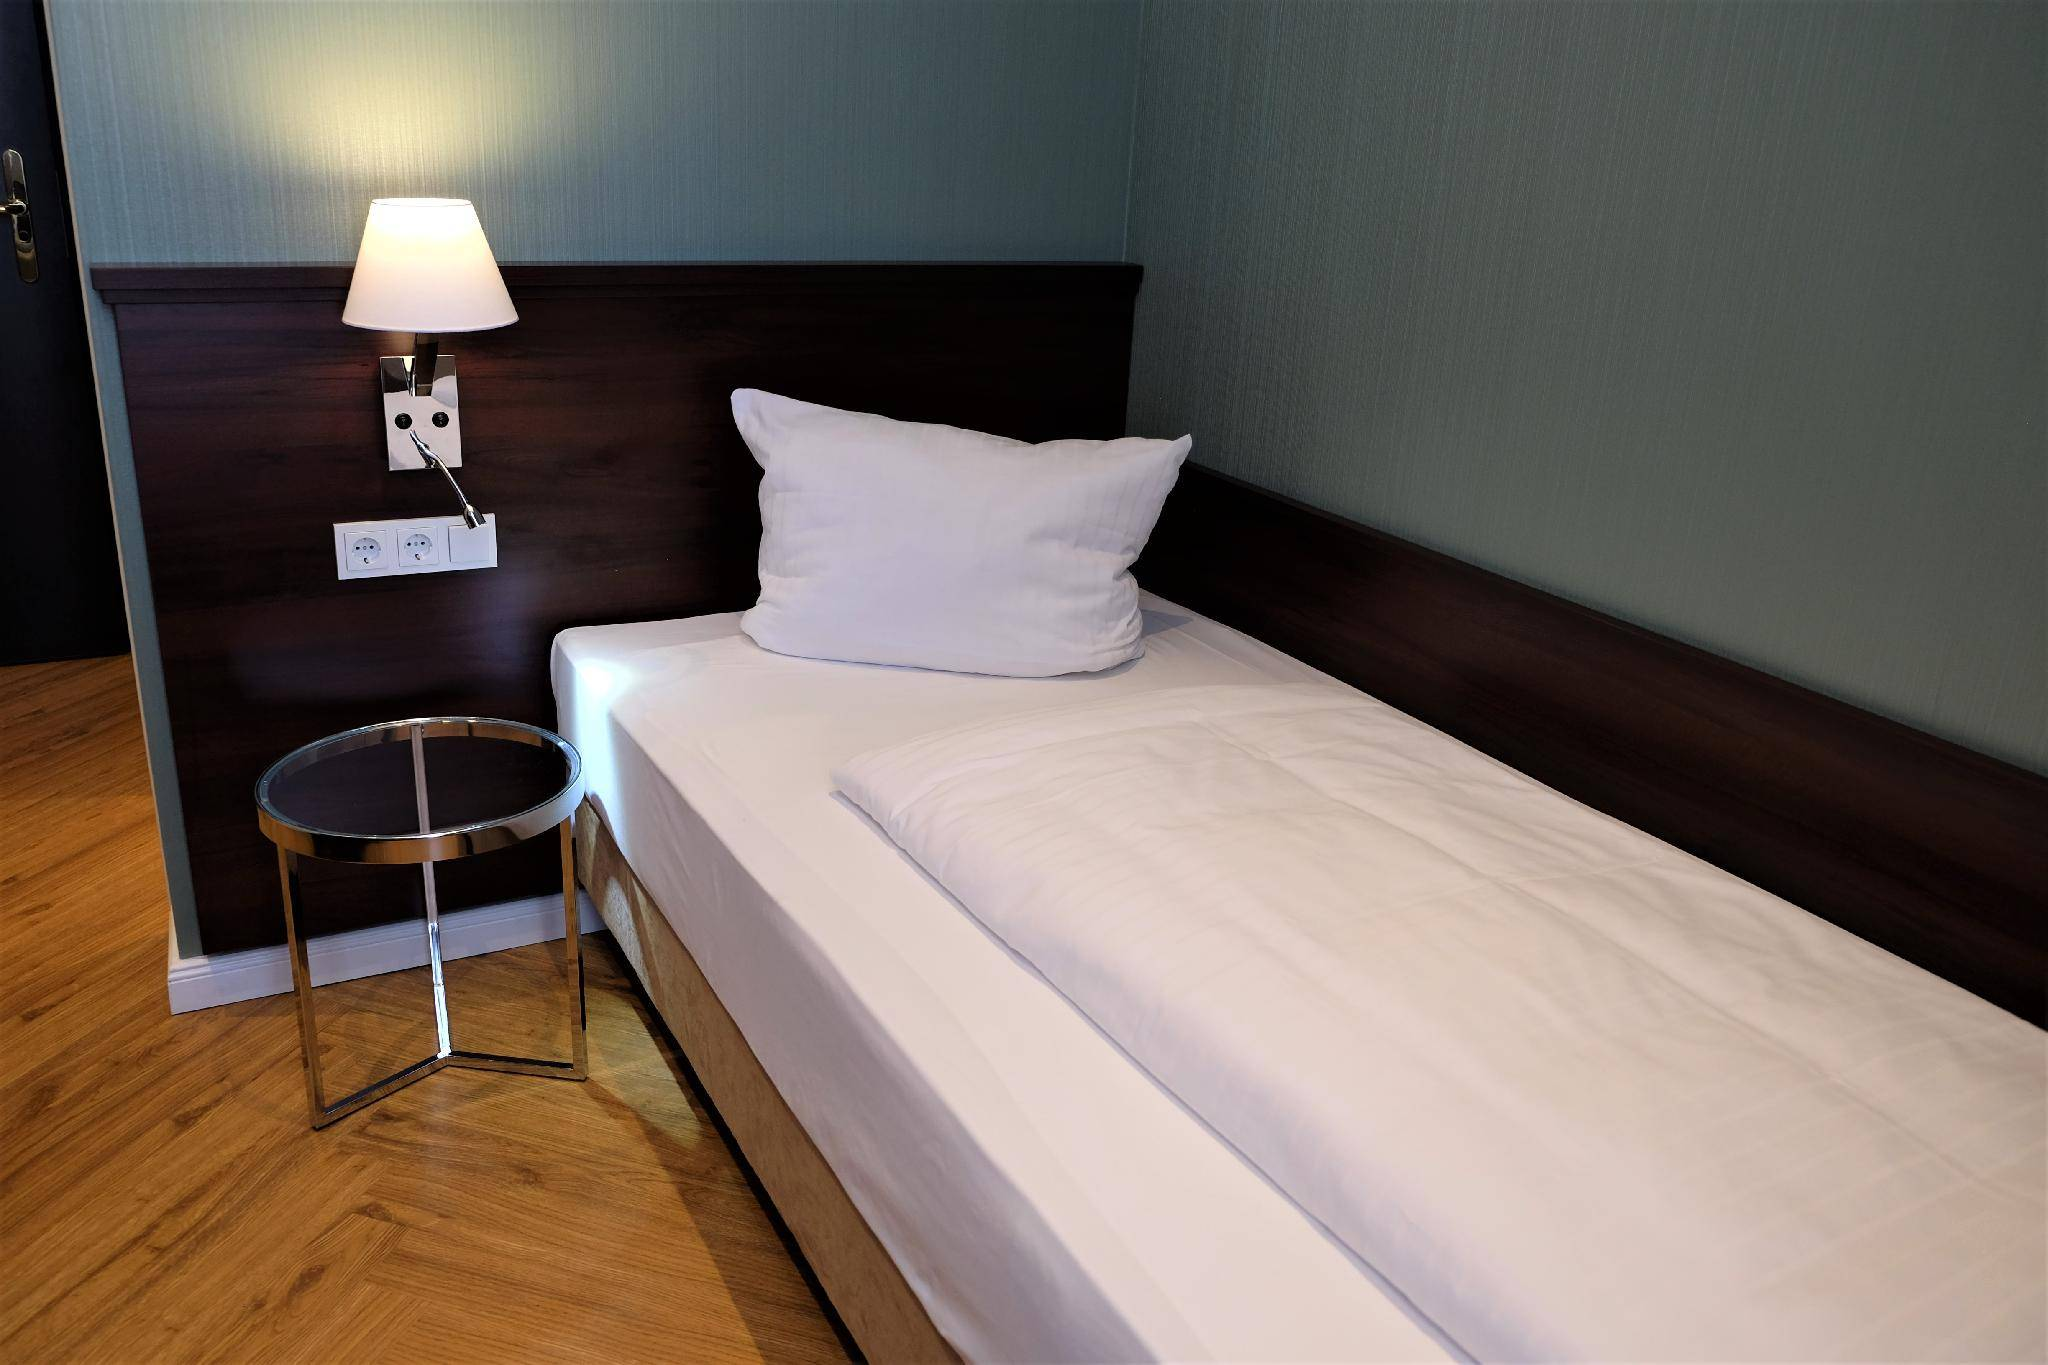 Гостиница берлин, москва. узнайте о гостинице больше перед тем как сделать бронирование